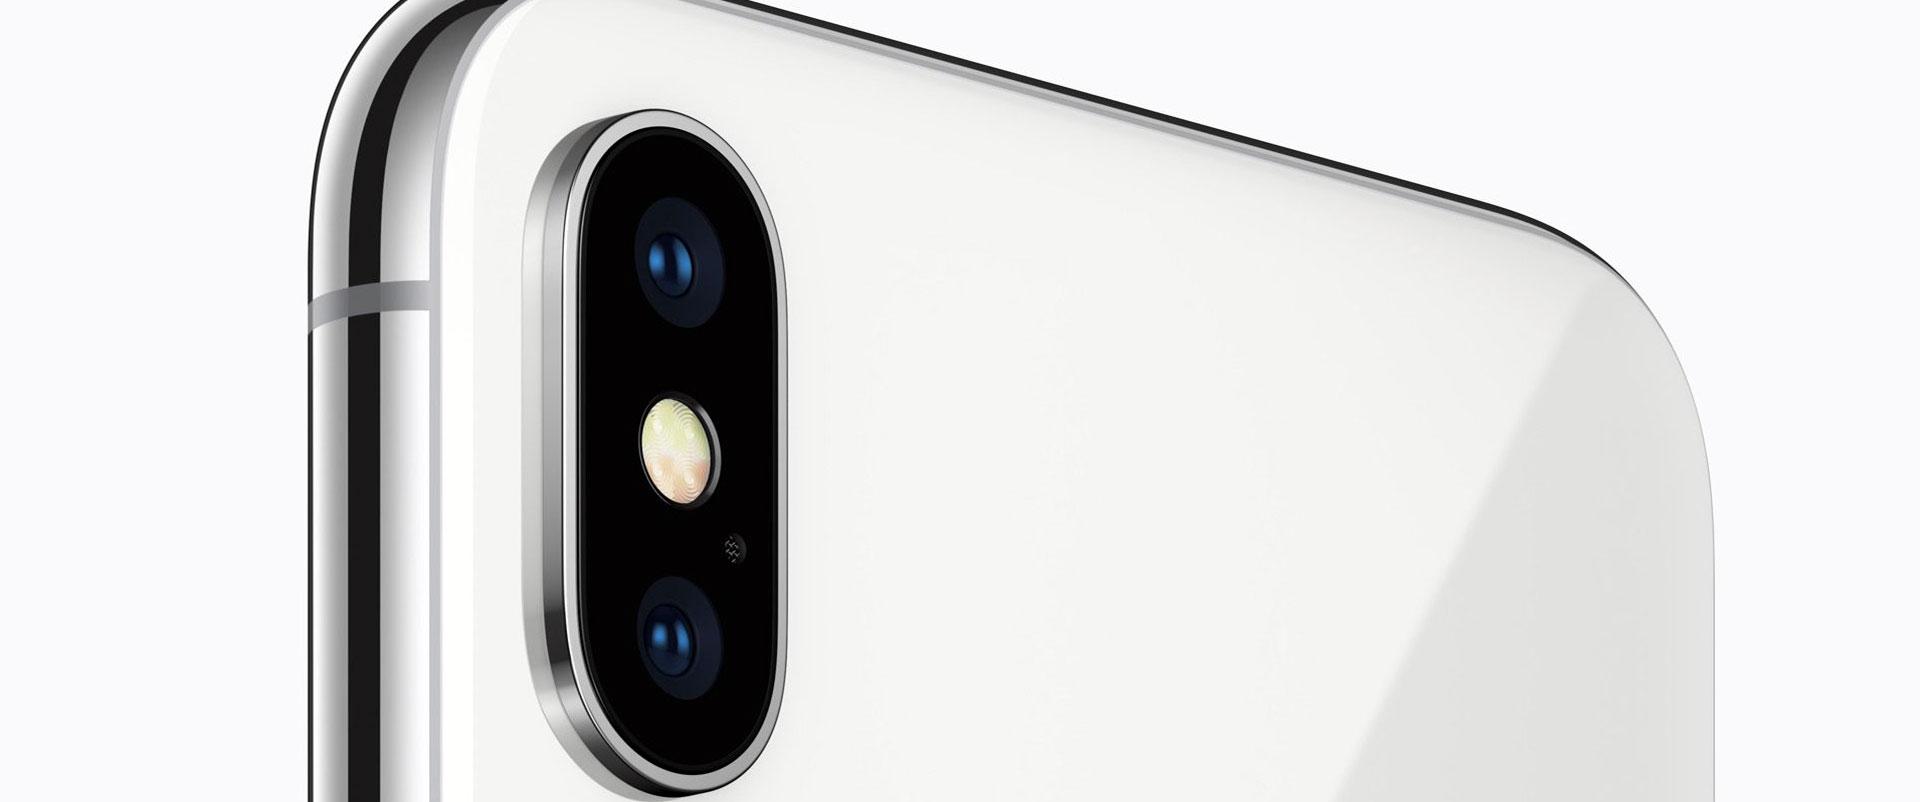 بررسی تخصصی آیفون X اپل؛ انقلاب با شکوه